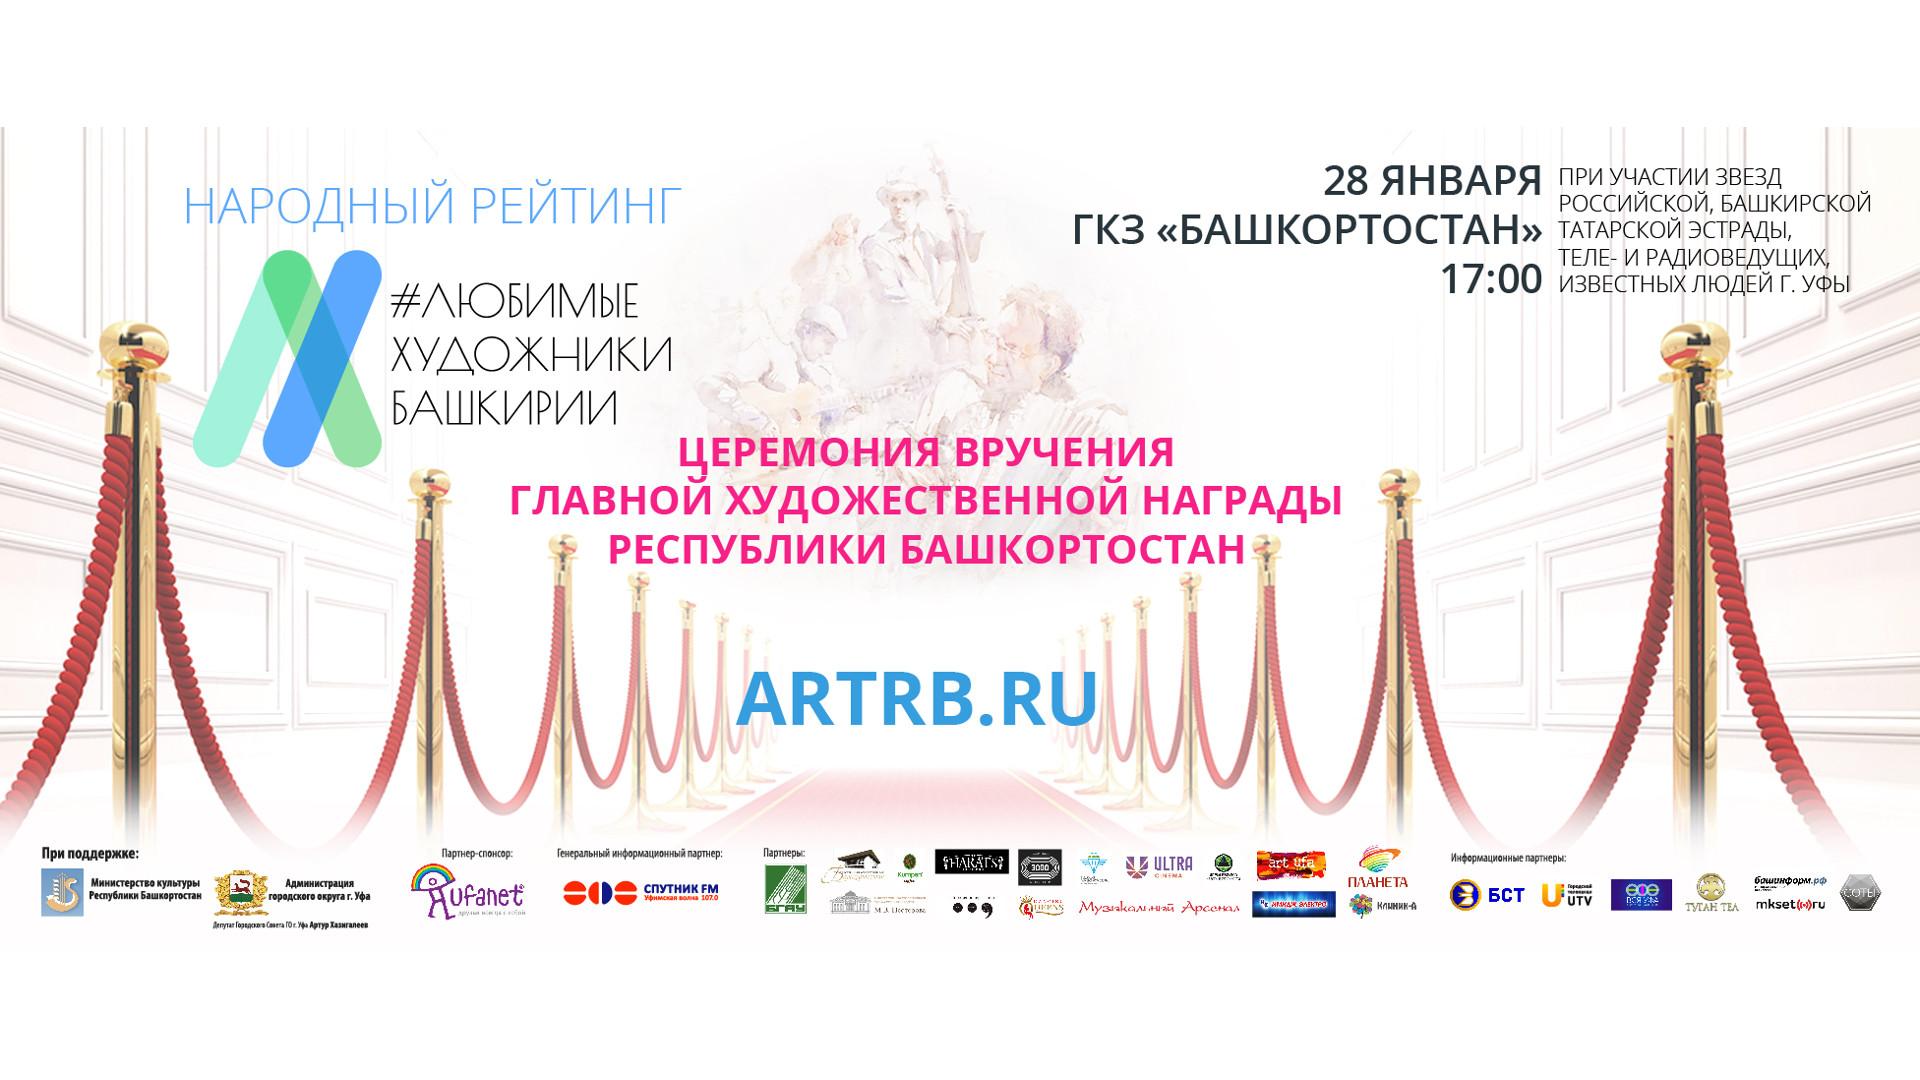 28 января в ГКЗ «Башкортостан» состоится церемония вручения главной художественной награды республики «Любимые художники Башкирии»